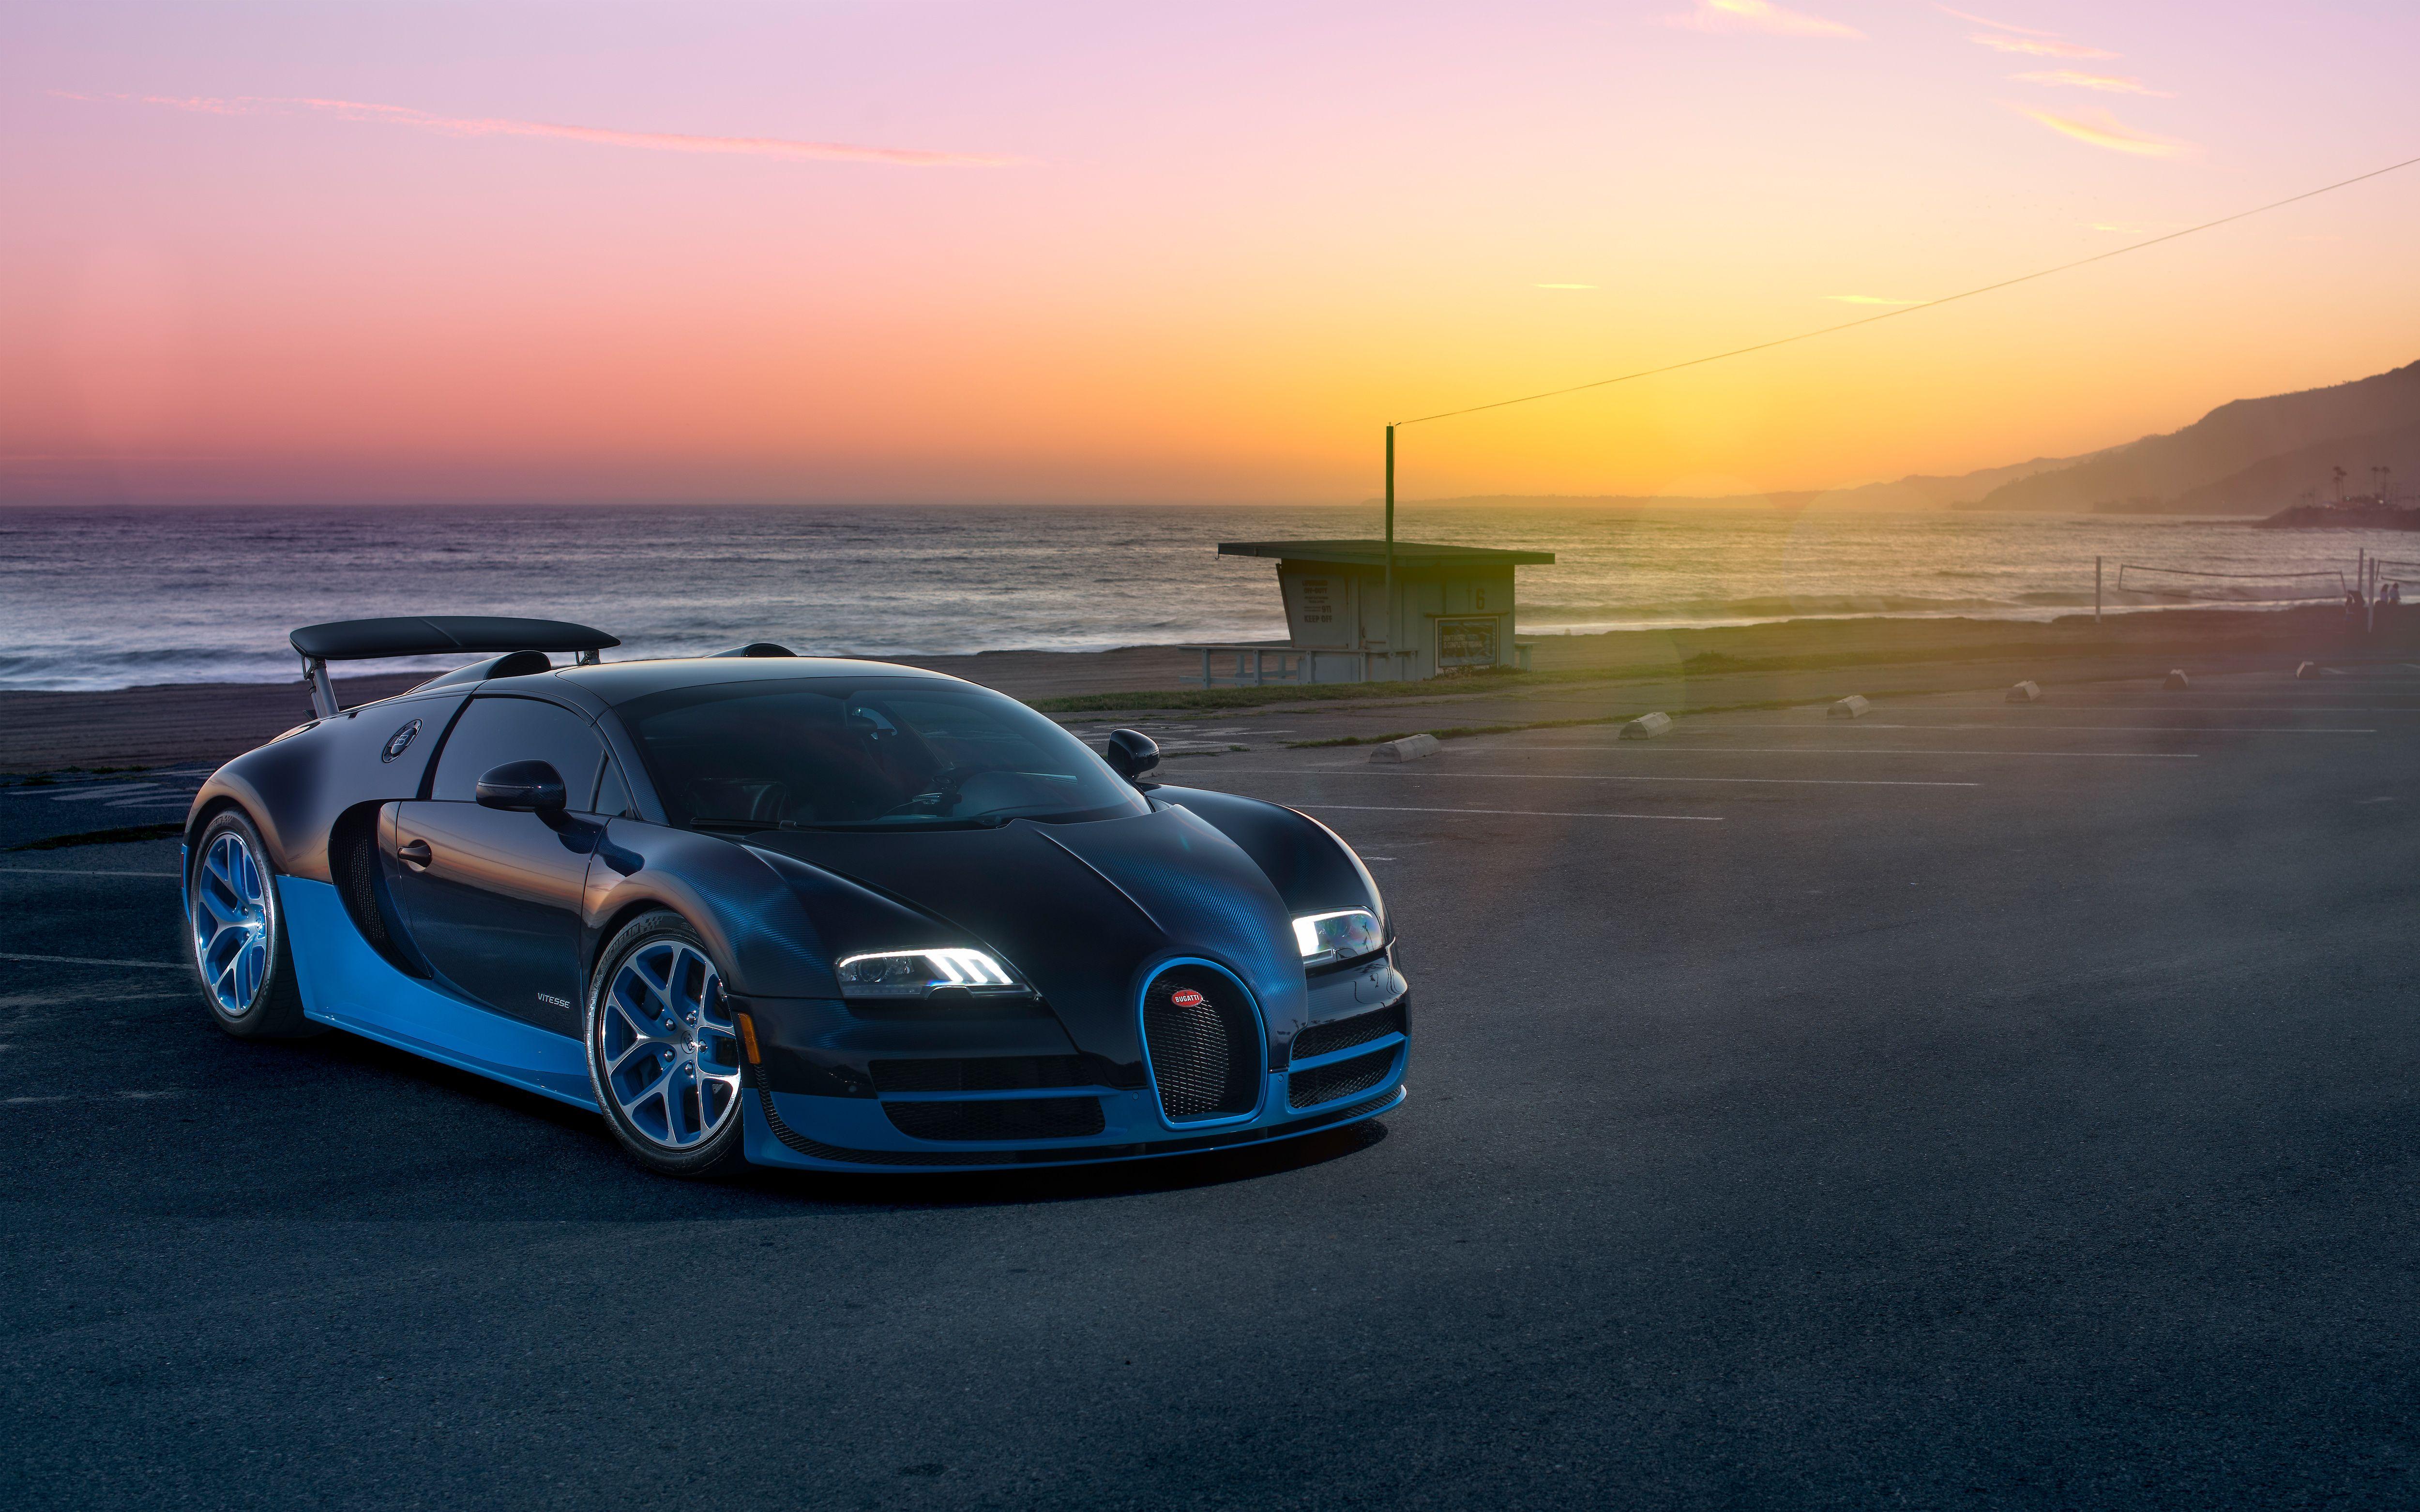 3e04946e3e0d3782dbecc21c9f3f4f01 Remarkable Bugatti Veyron Grand Sport 2015 Price Cars Trend